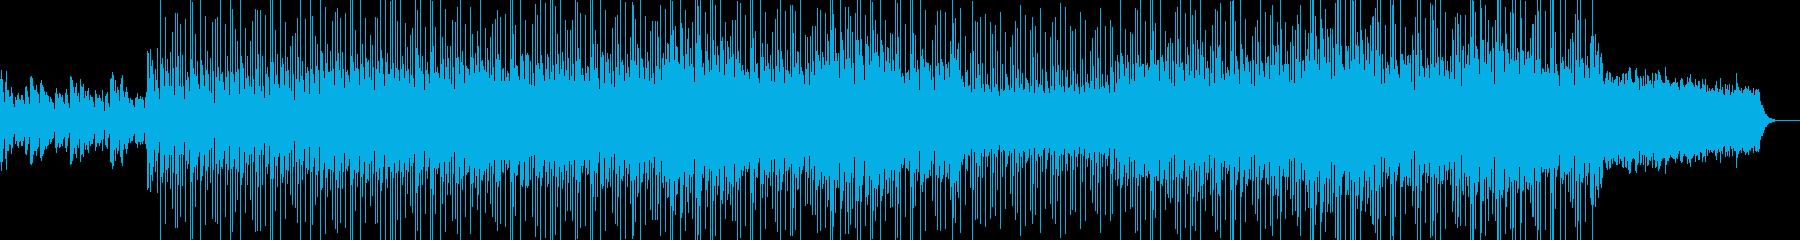 オープニング企業VPイベント-24の再生済みの波形